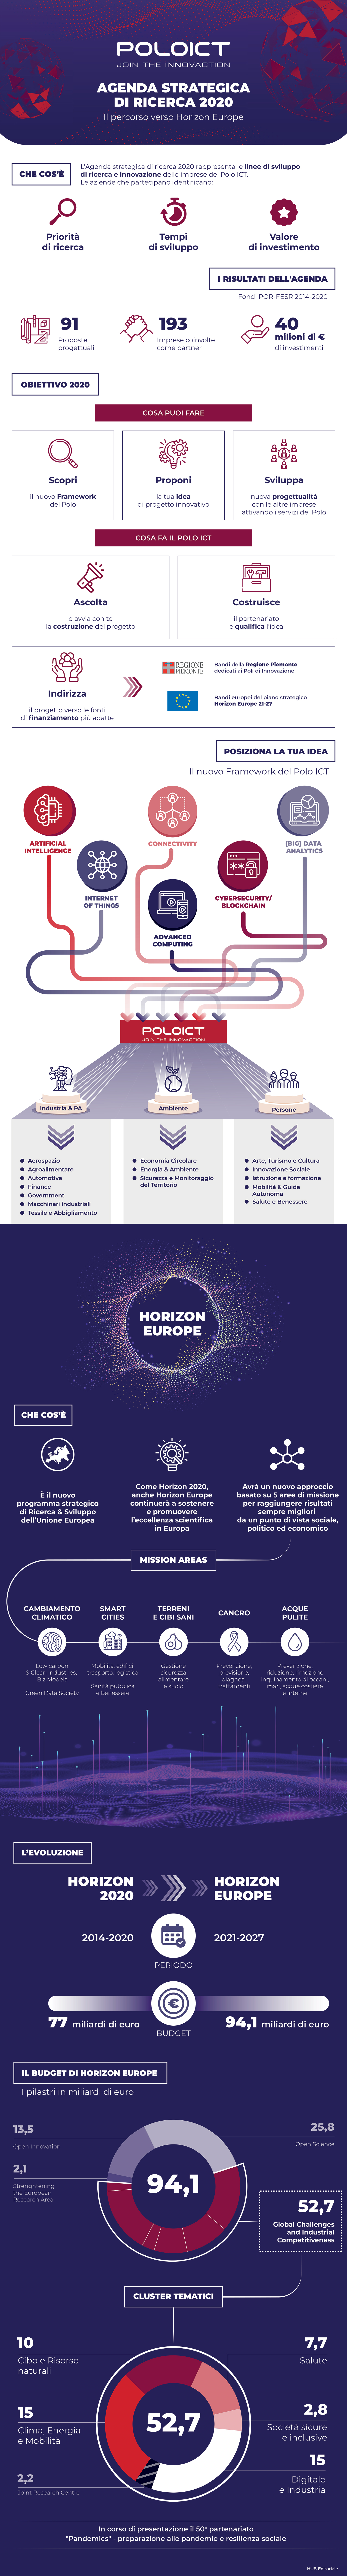 Agenda Di Ricerca 2020 Polo Ict